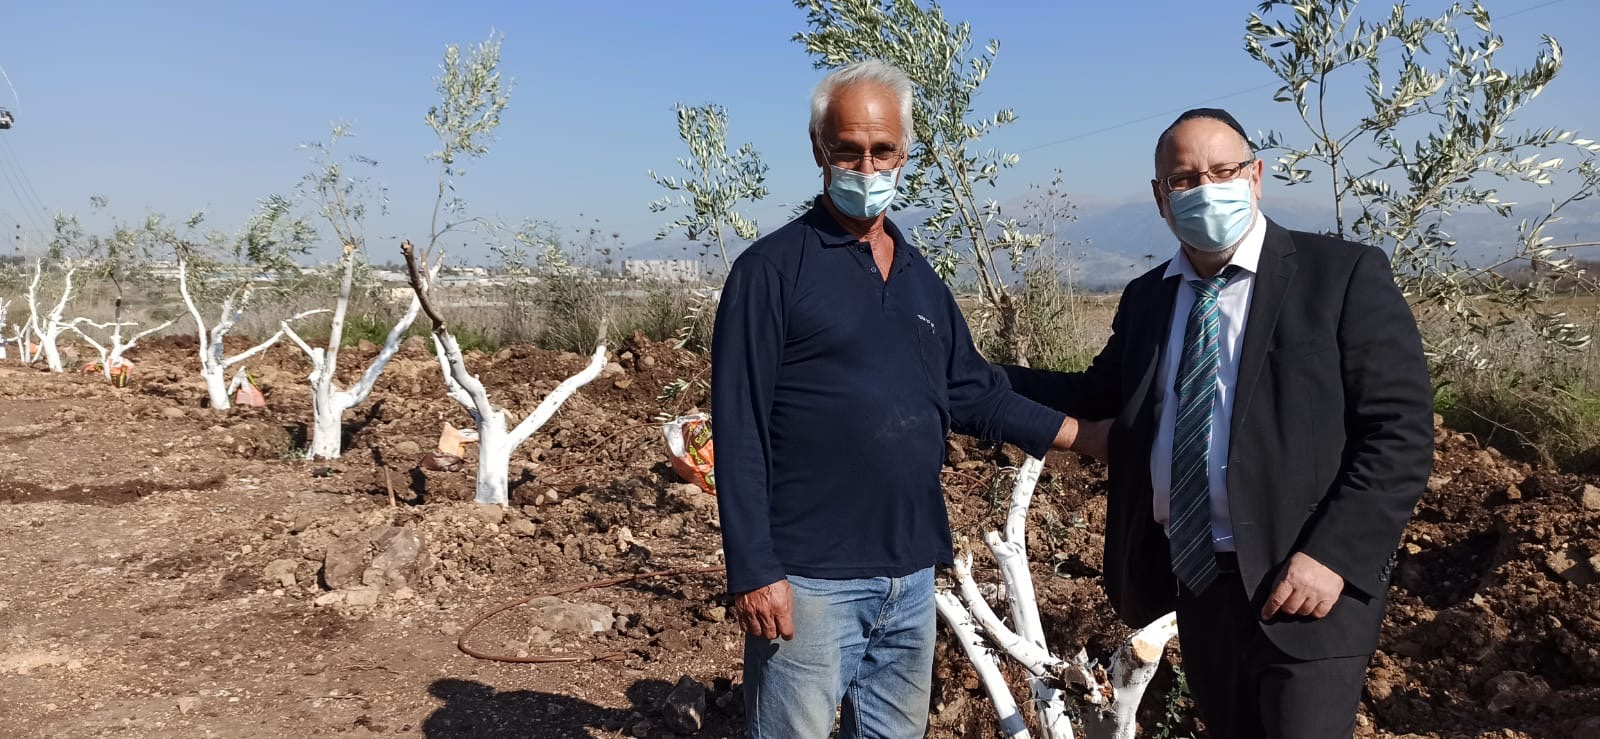 מנציחים את נפטרי הקורונה מהתפוצות בשדרת עצי זית חדשה בקרית שמונה